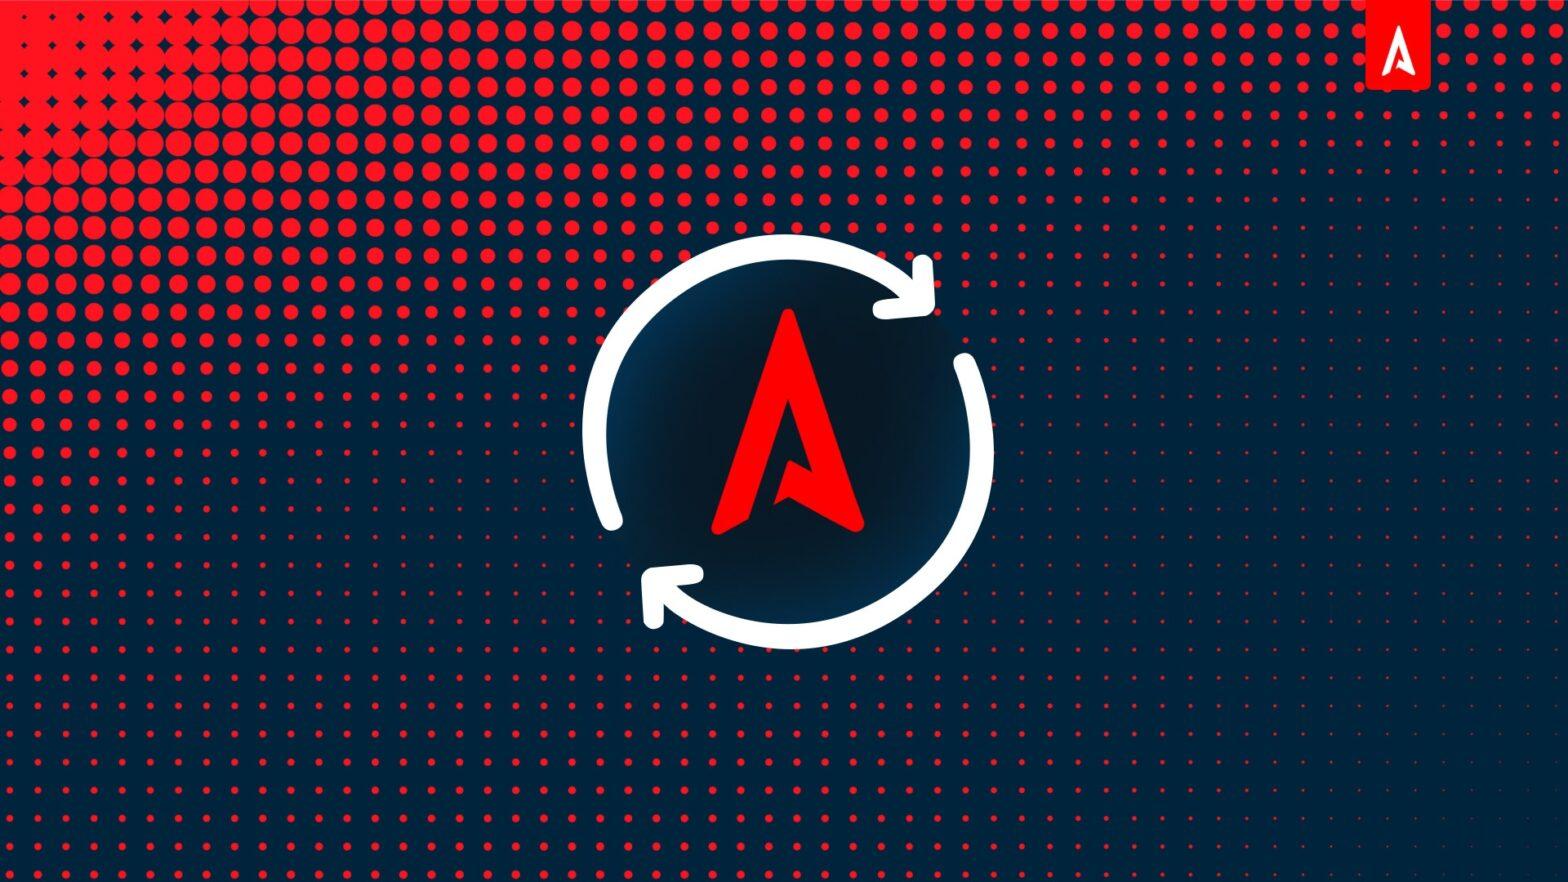 Программное обеспечение Альфатага: подготовлено комплексное обновление